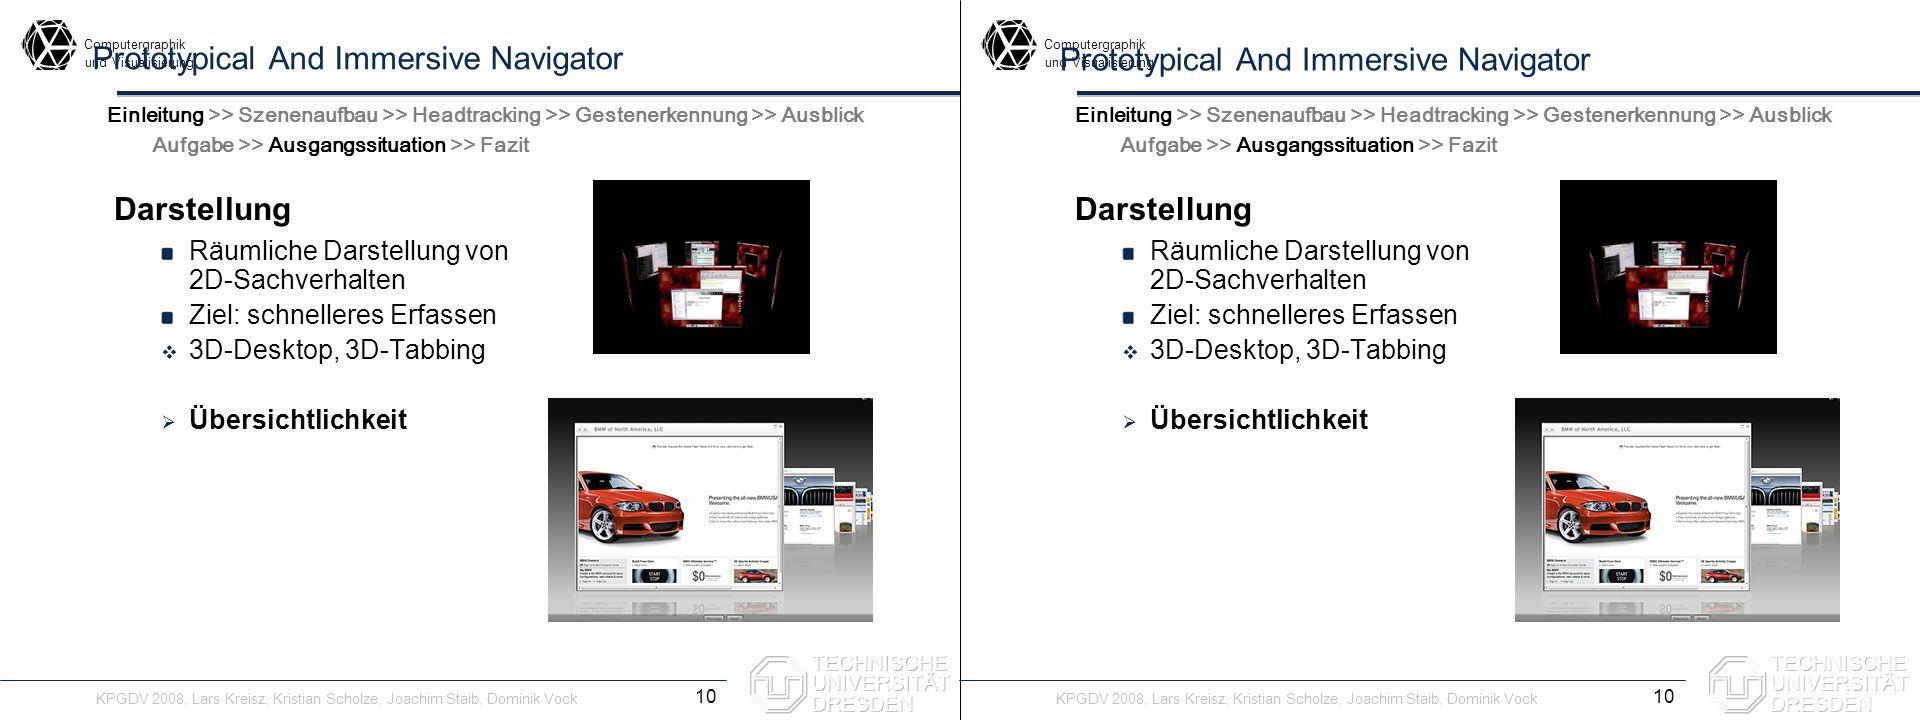 Computergraphik undVisualisierung Computergraphik undVisualisierung Prototypical And Immersive Navigator Darstellung Räumliche Darstellung von 2D-Sach